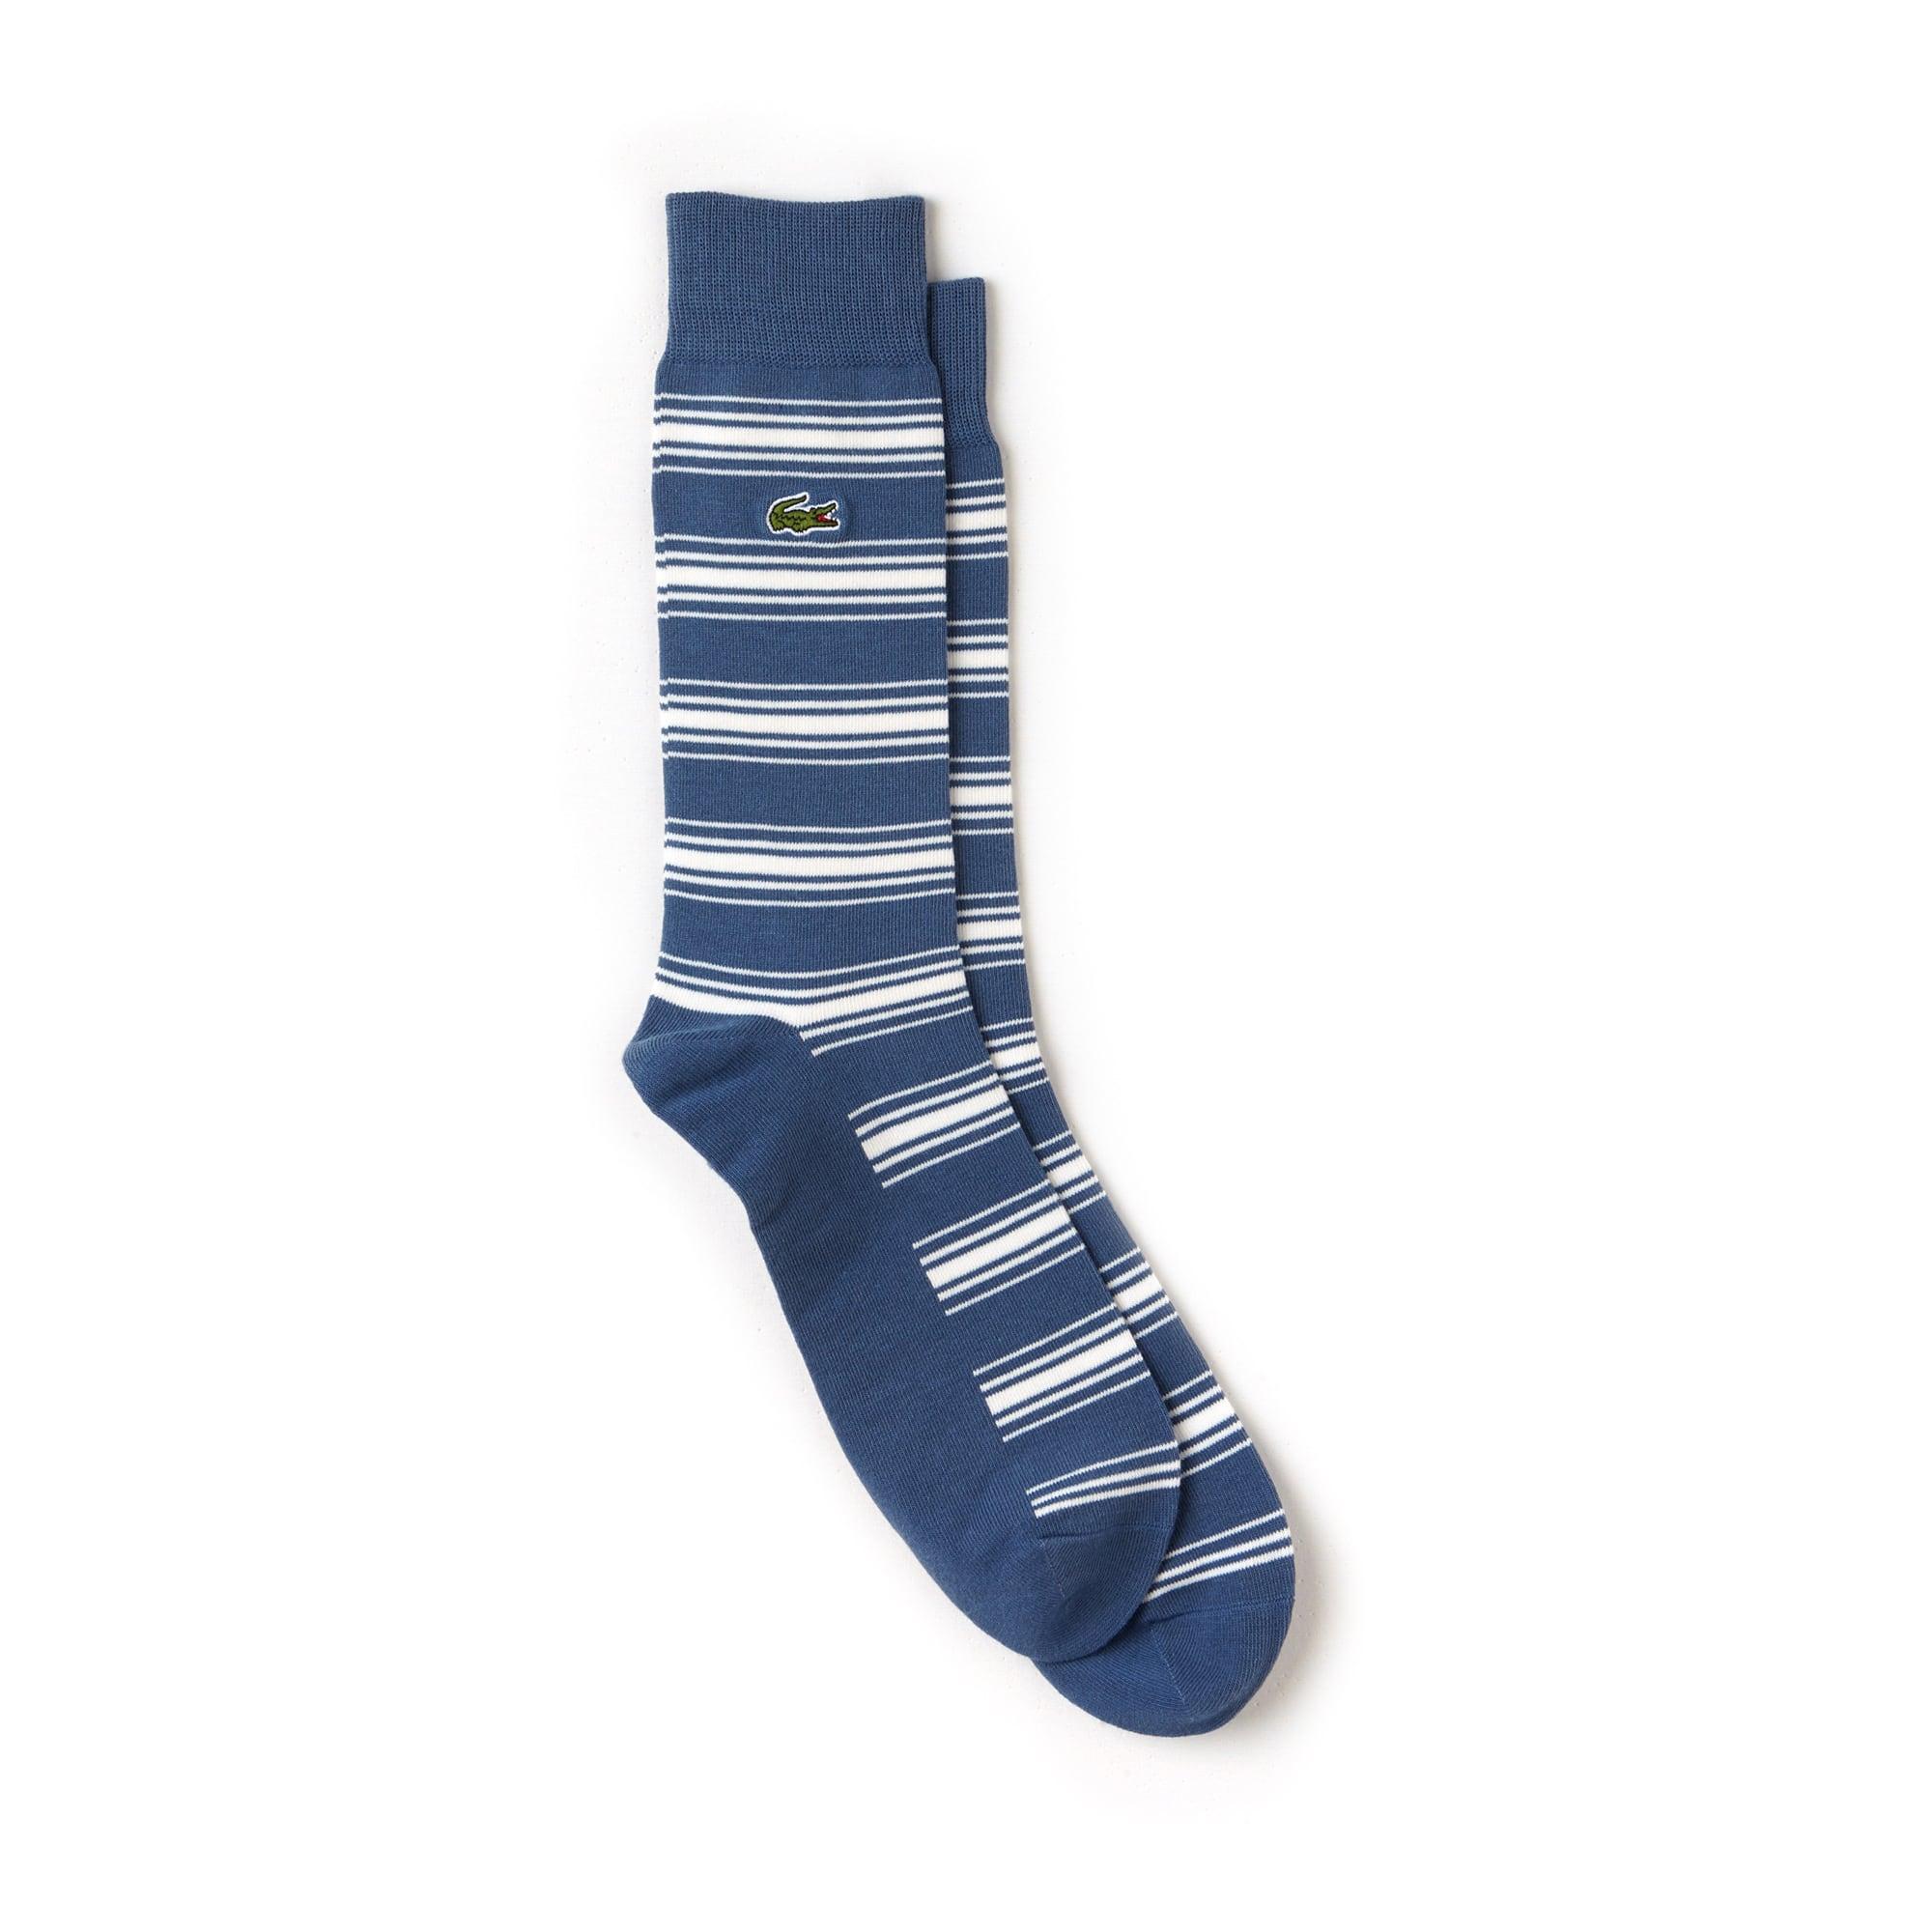 Calcetines de punto jersey de algodón elástico de rayas